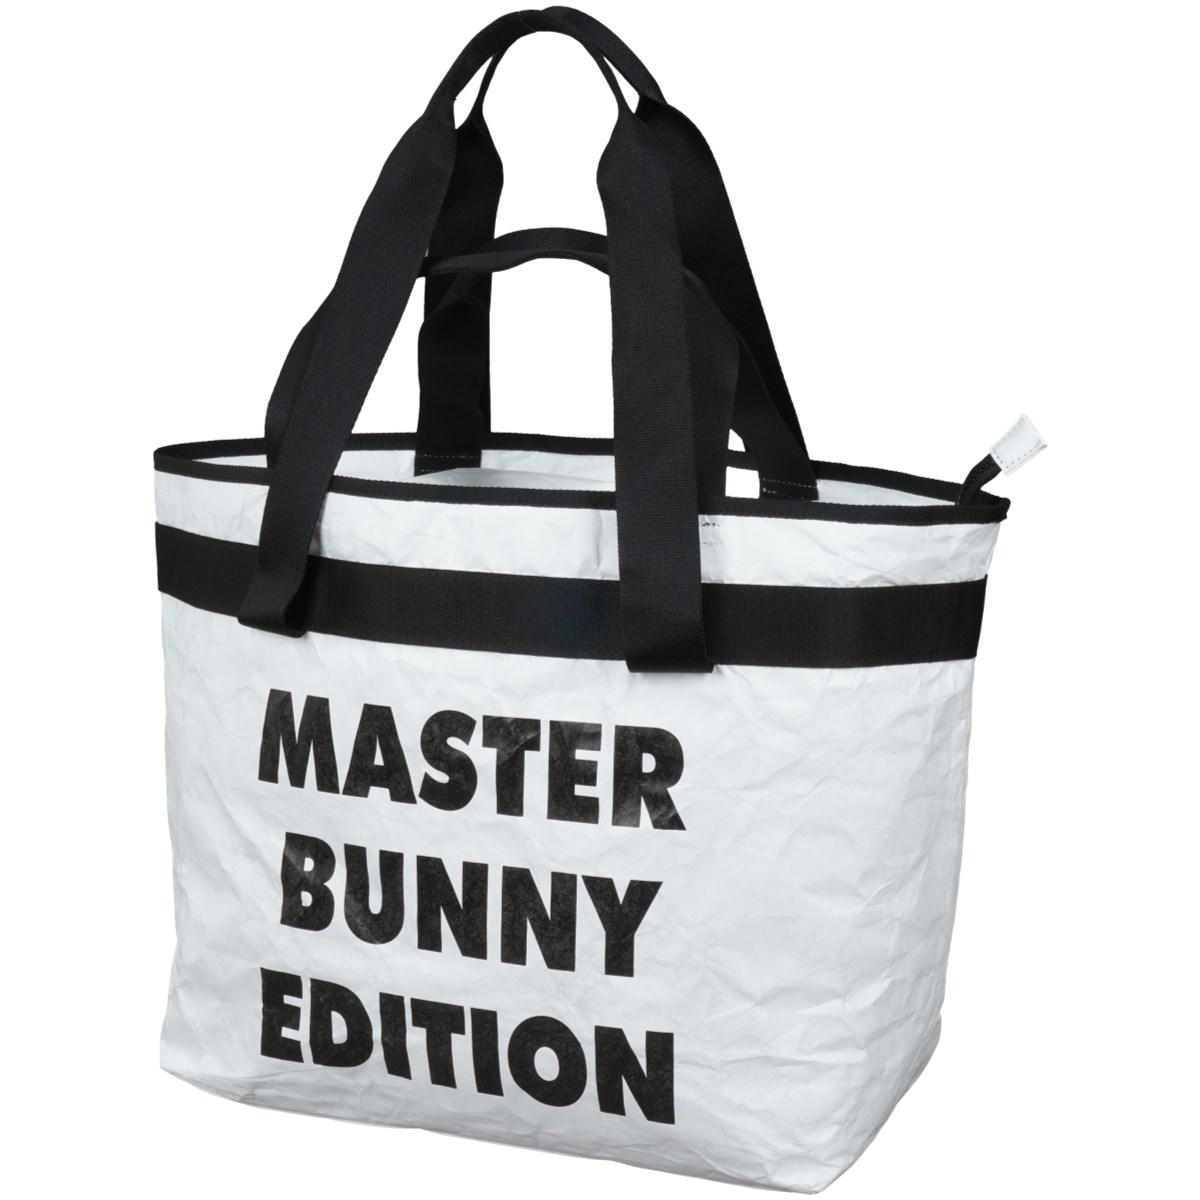 マスターバニーエディション MASTER BUNNY EDITION タイベックトートバッグ ホワイト 030